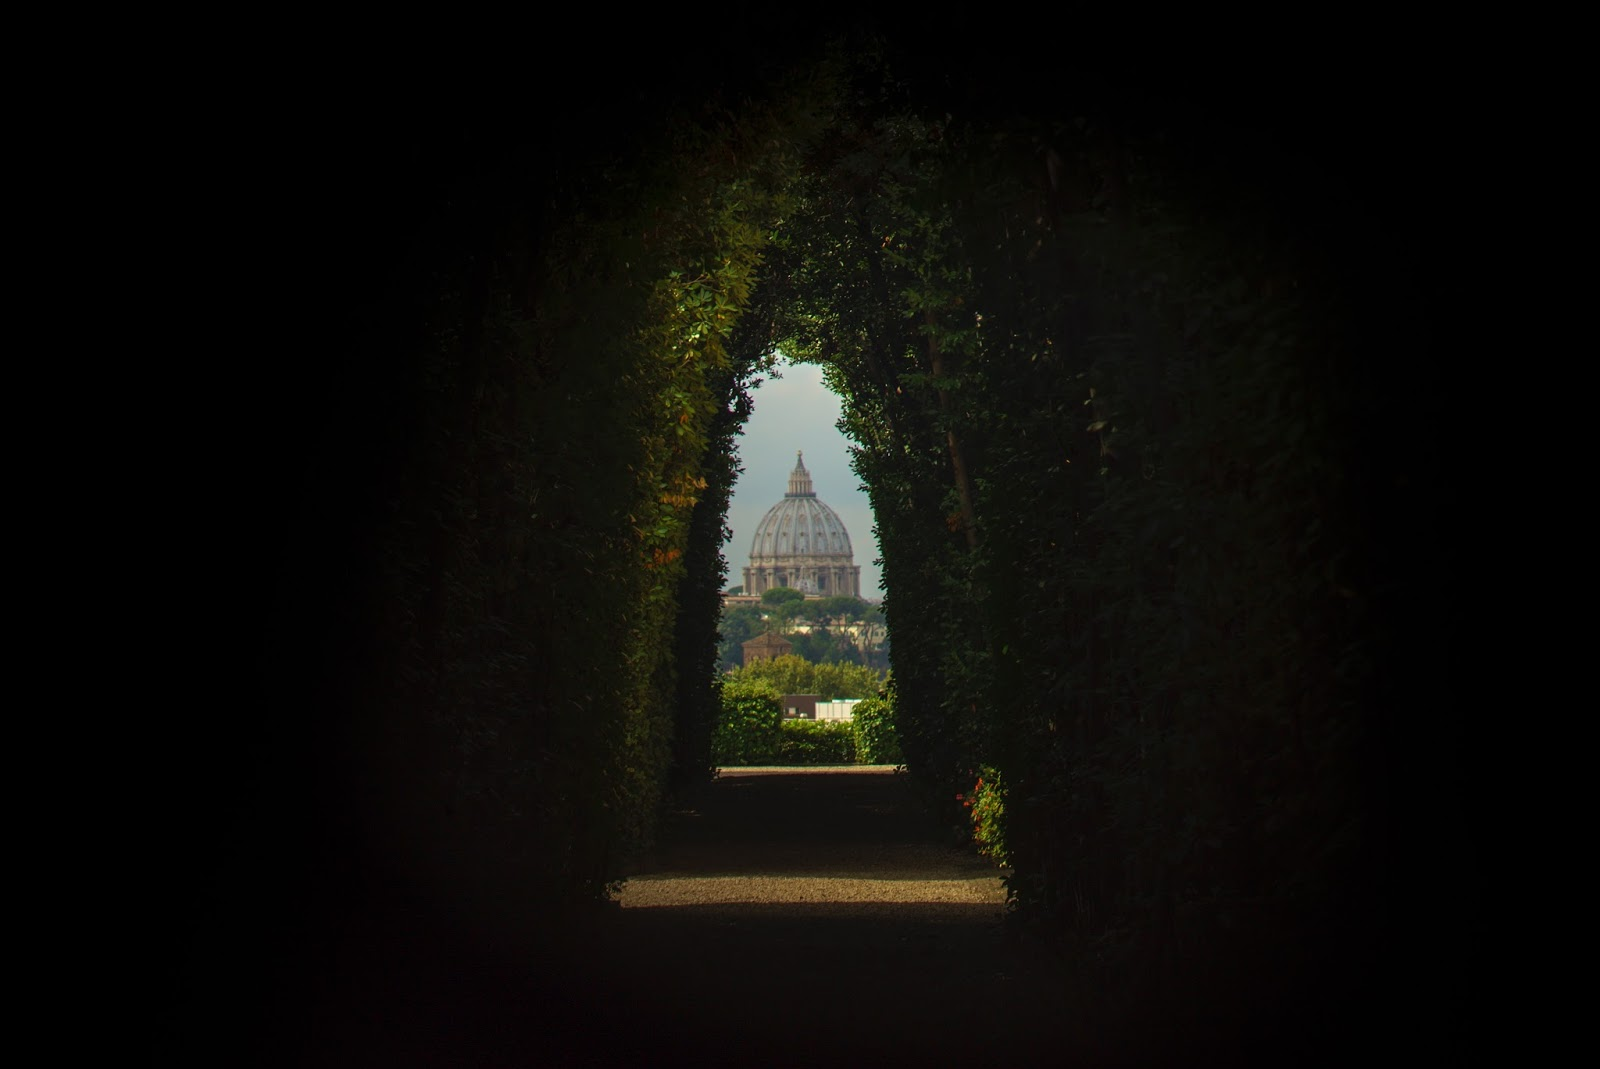 The Travel Gazette: CONSIGLI IN VIAGGIO: DOVE DORMIRE A ROMA